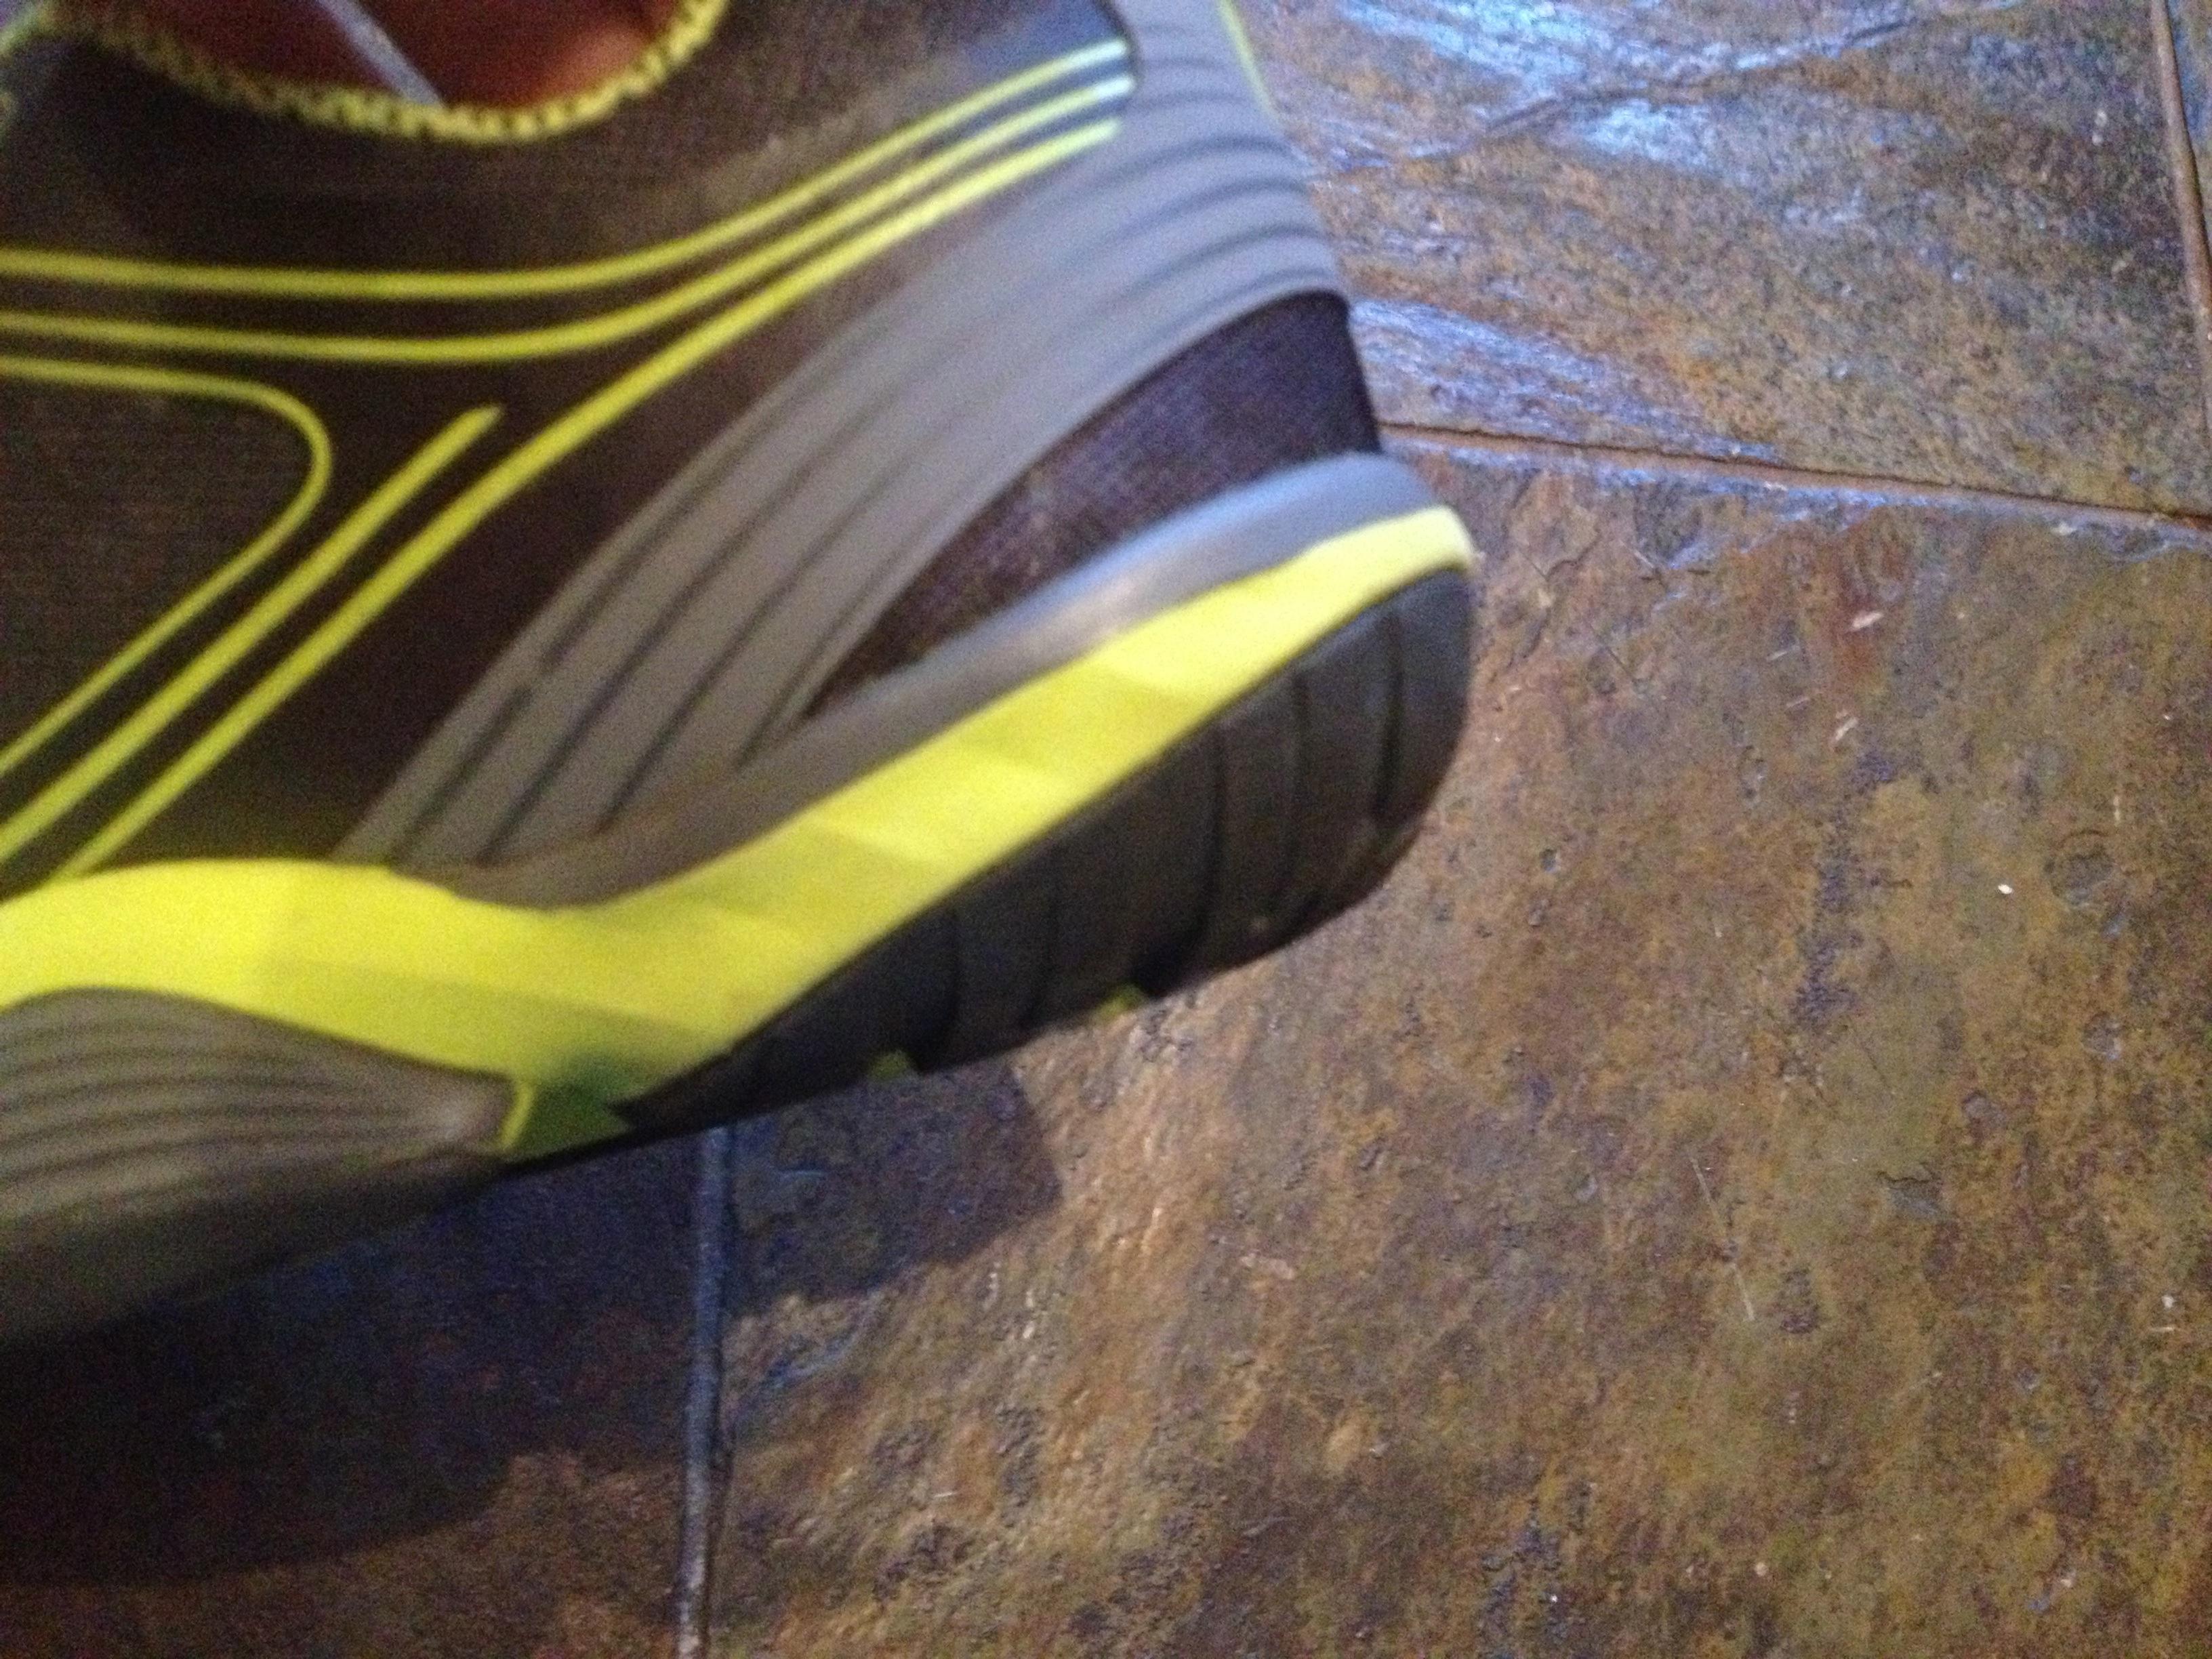 TevaSphere, Running Shoes, Running, Equipment, TevaSphere Speed